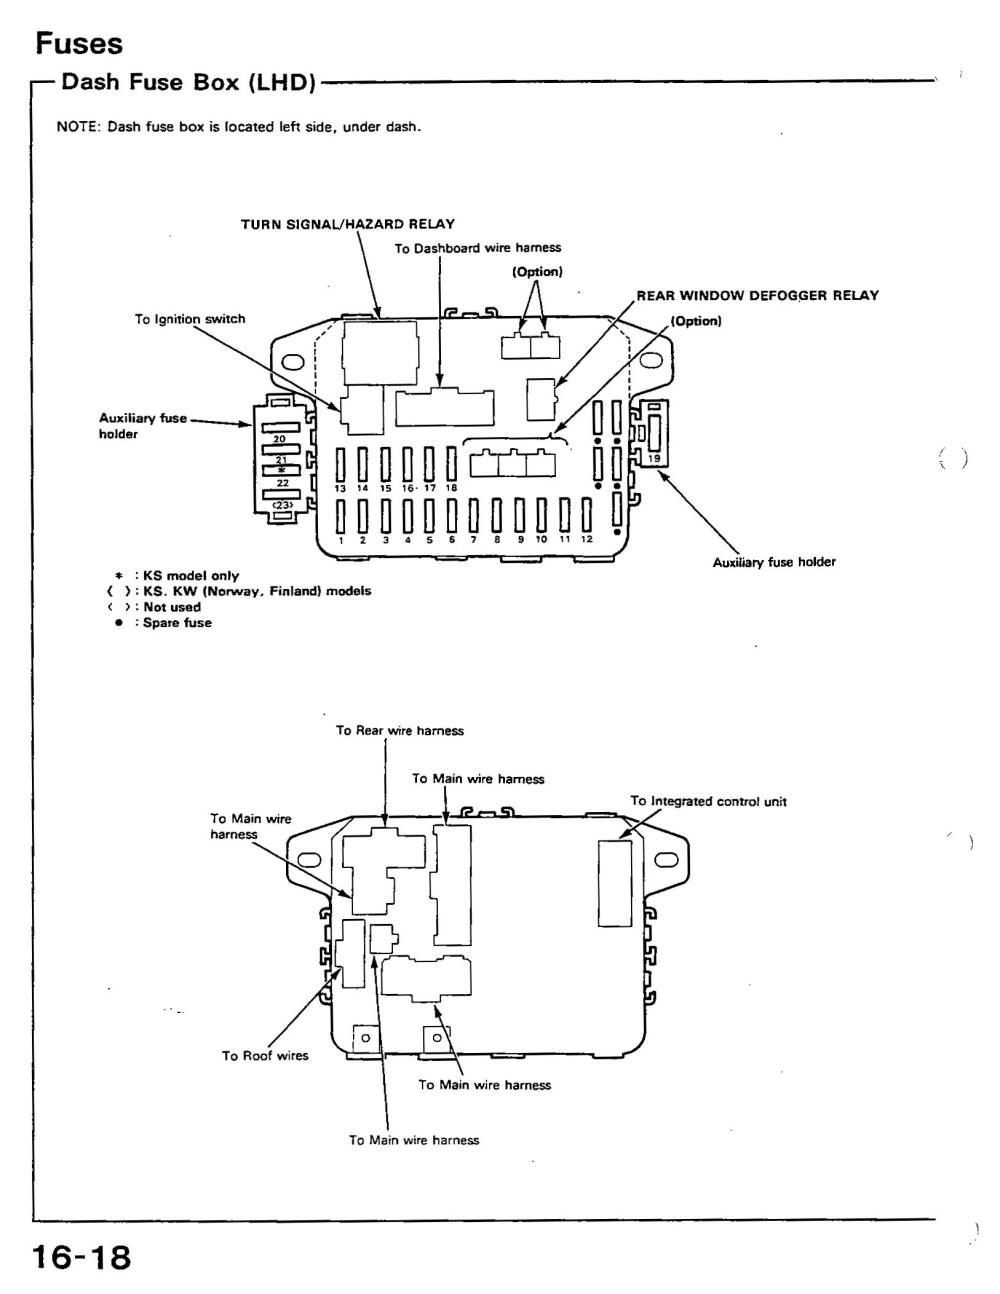 medium resolution of 91 honda accord engine diagram 91 civic si fuse diagram honda tech honda forum discussion of